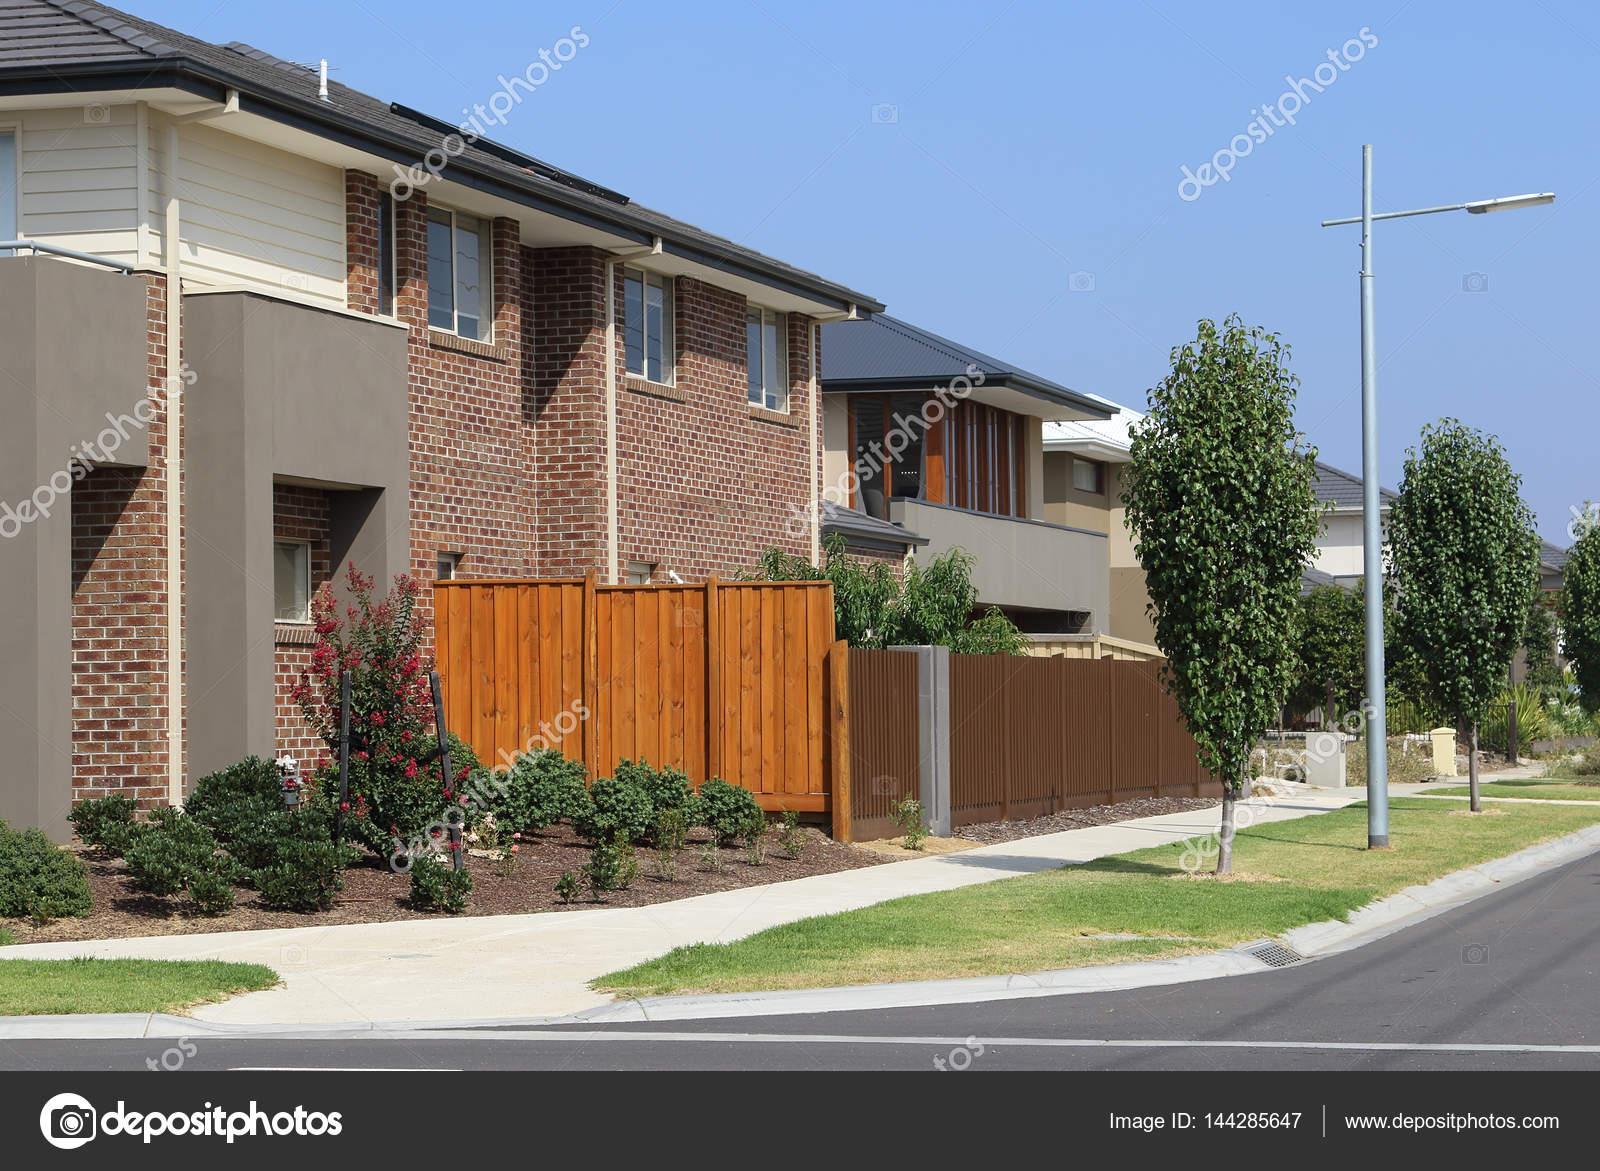 Suburban Street mit modernen Häusern — Stockfoto © bolina #144285647